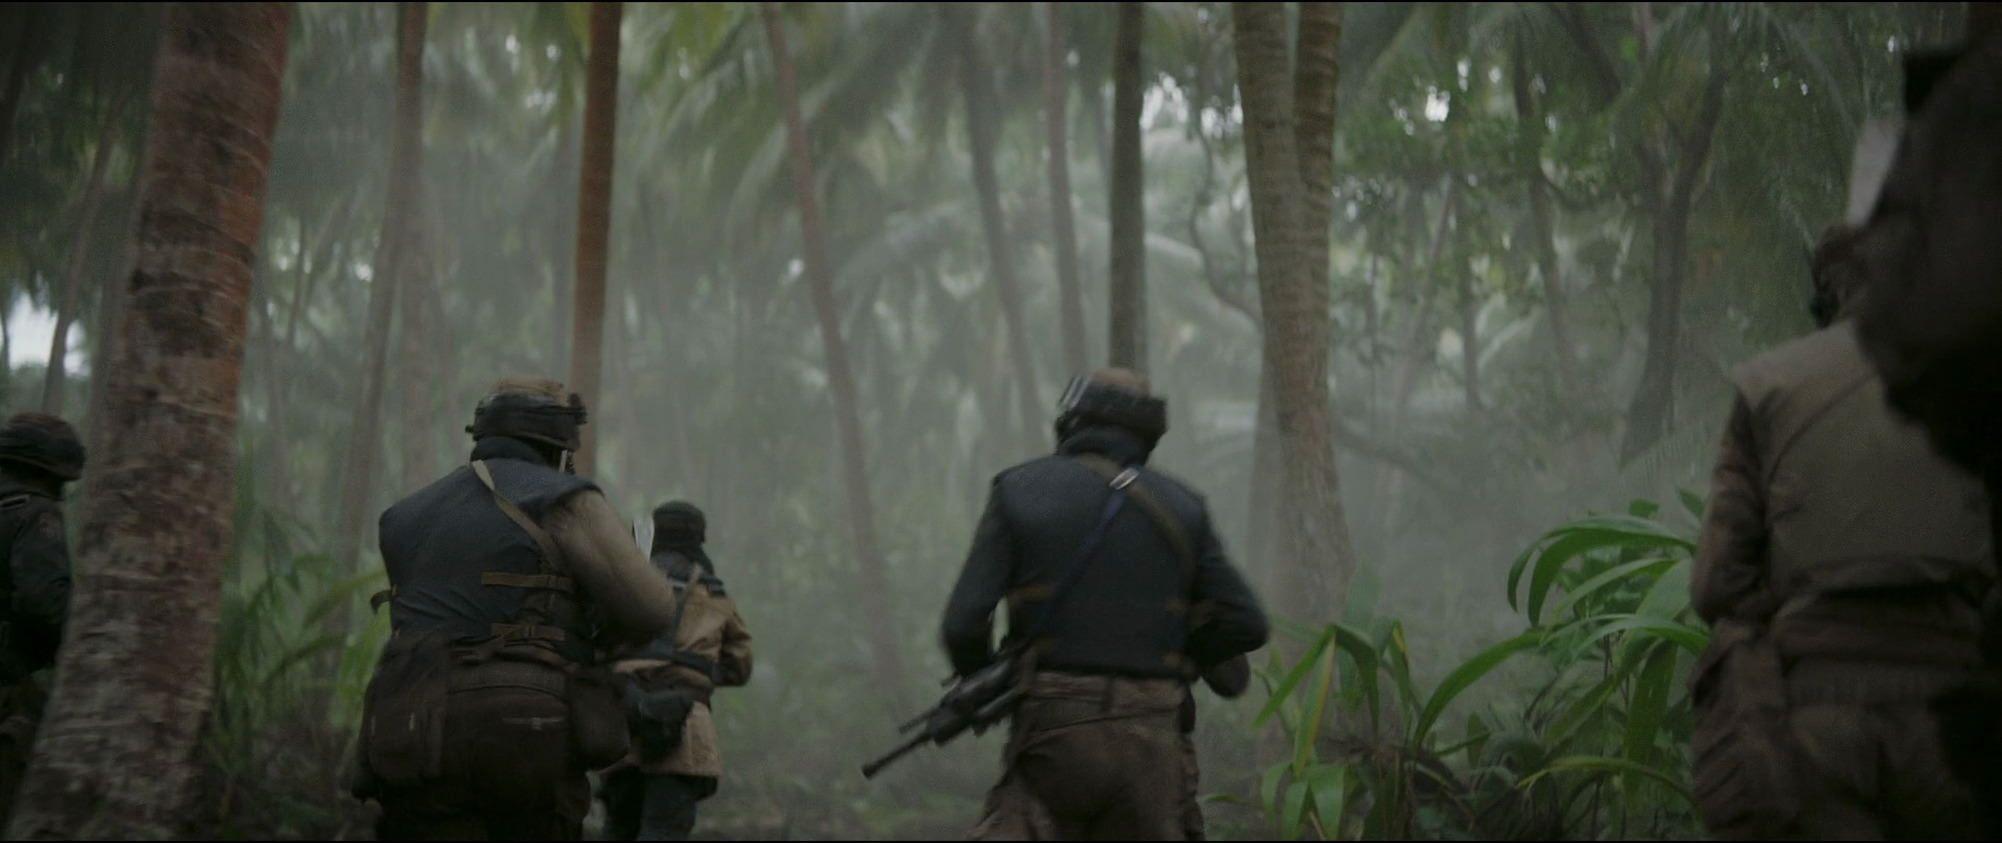 rogue-one-movie-screencaps.com-10715.jpg